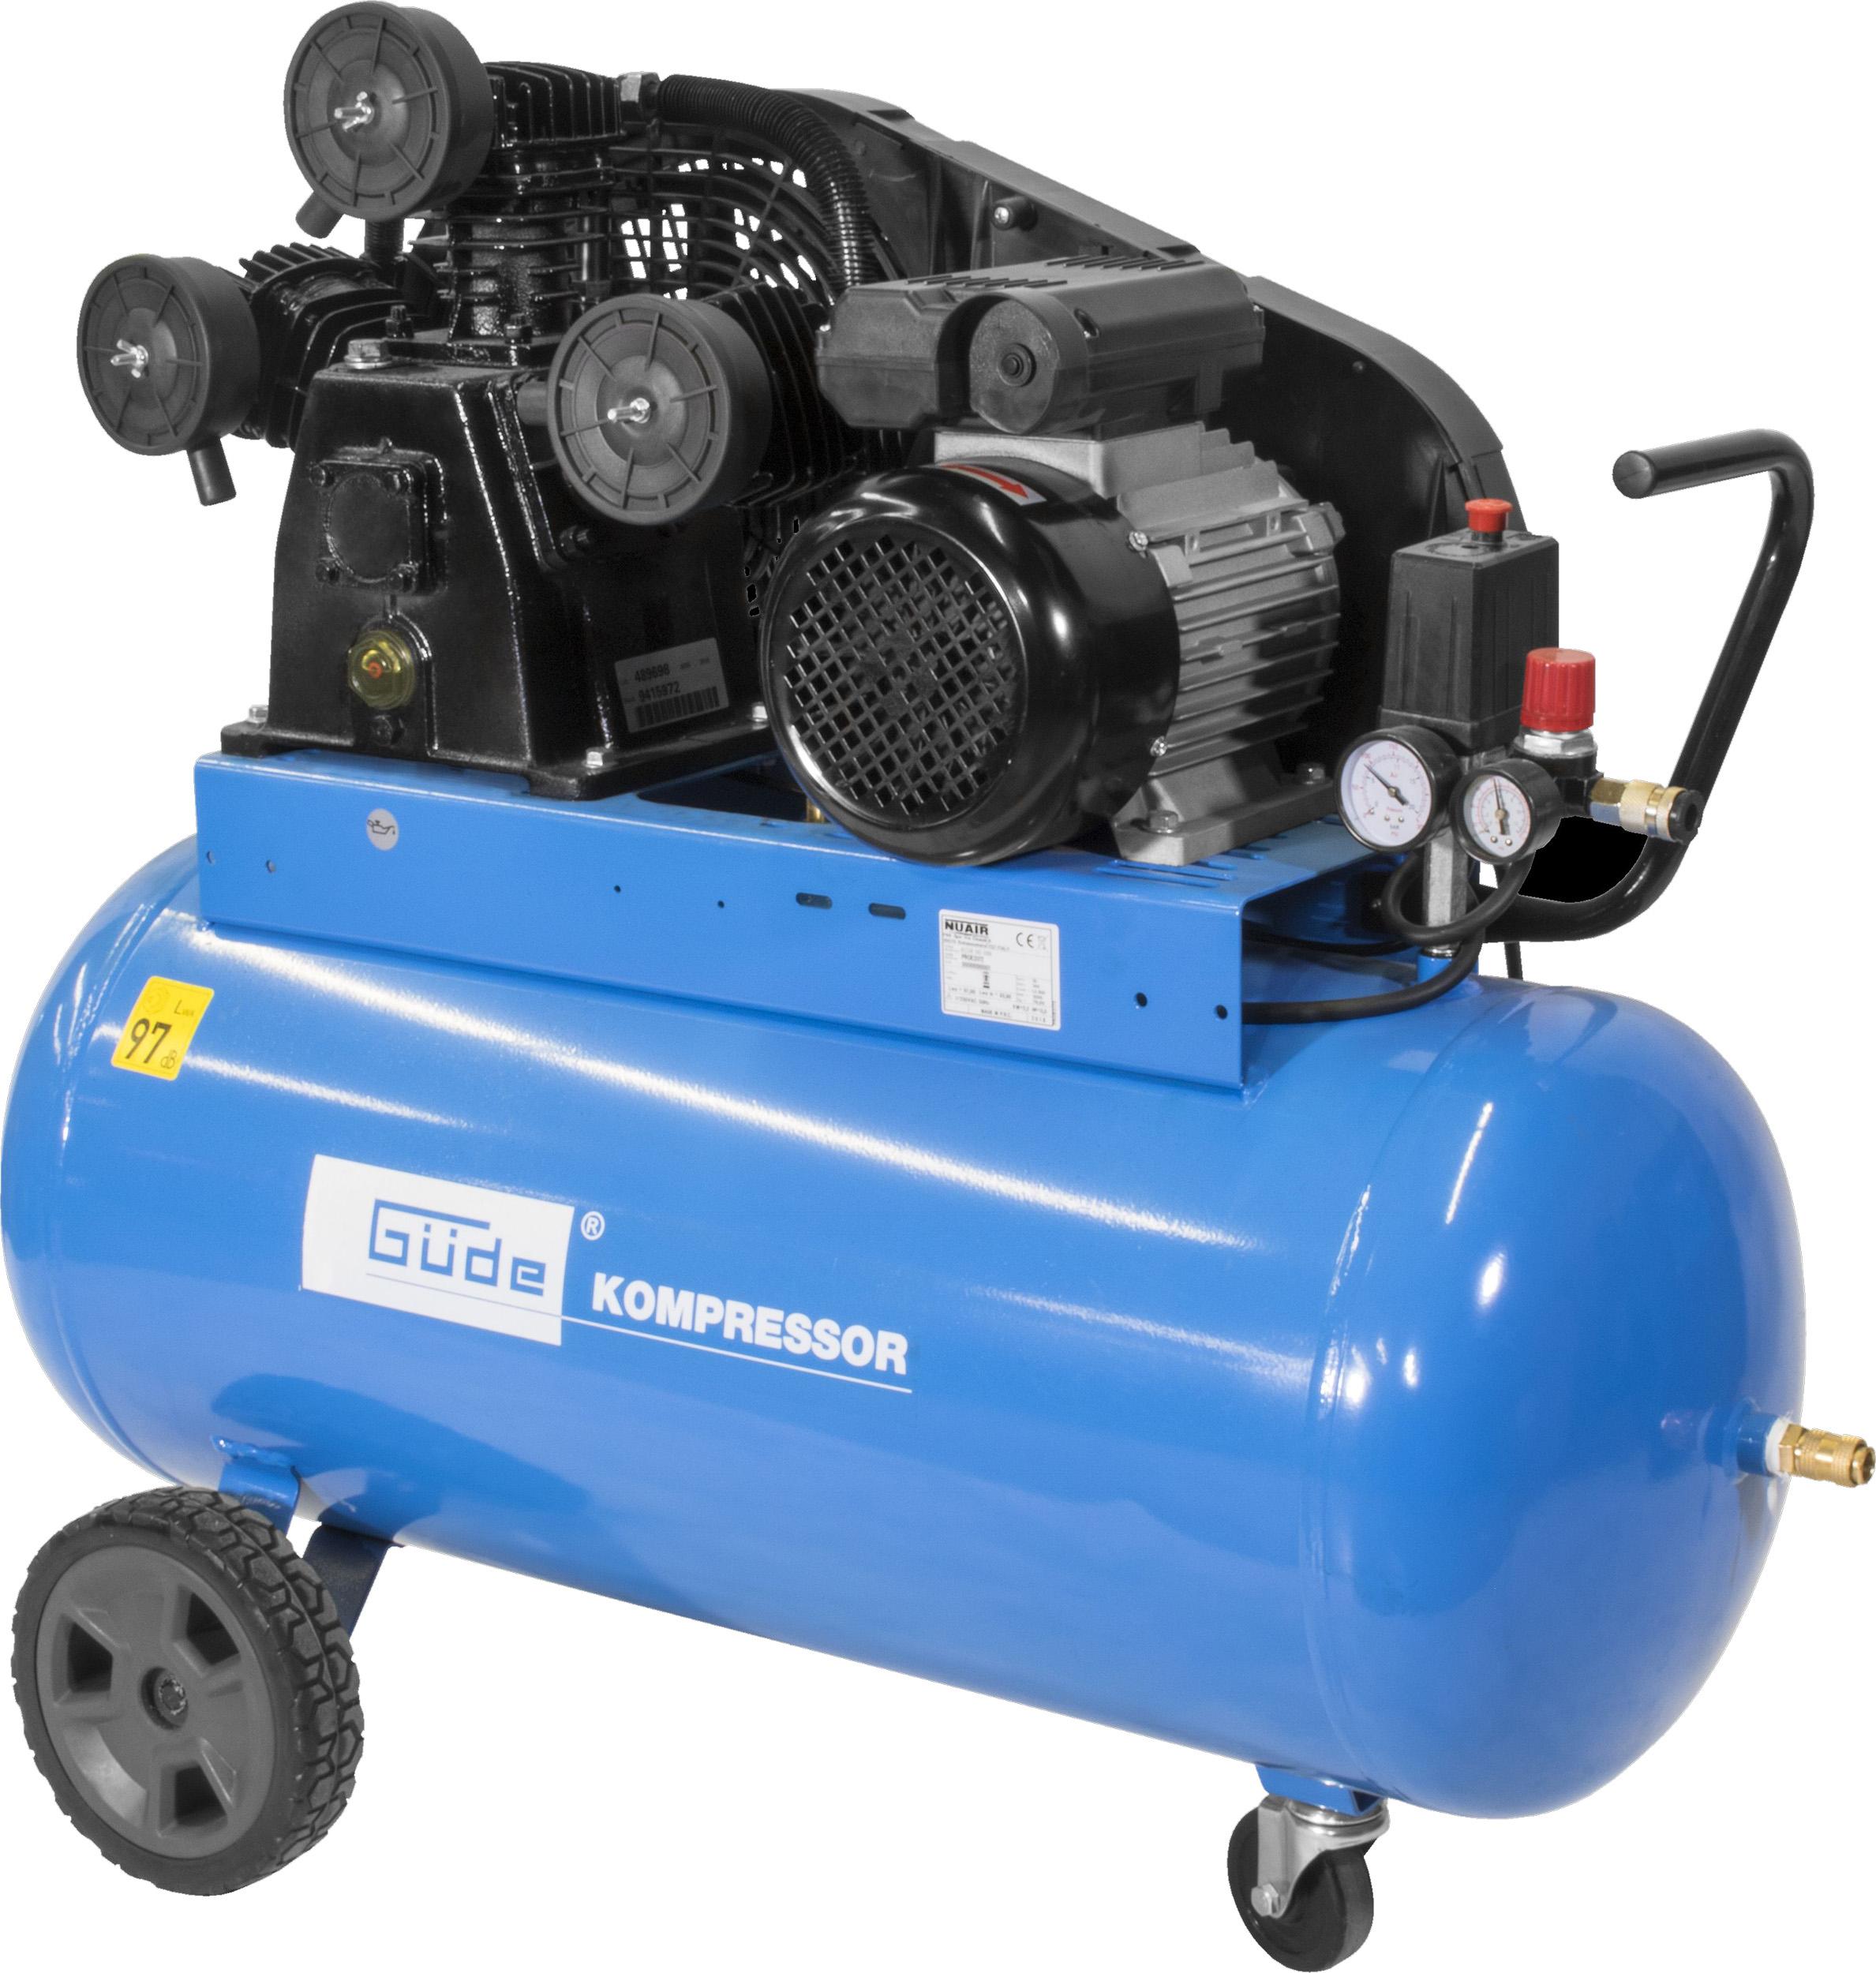 Güde Kompressor 550/10/100 10 bar, 100 l, 500 l/min, 2,2 kW, 3 Zylinder, 230 V für 429 Euro [Globus Baumarkt - Filiale]